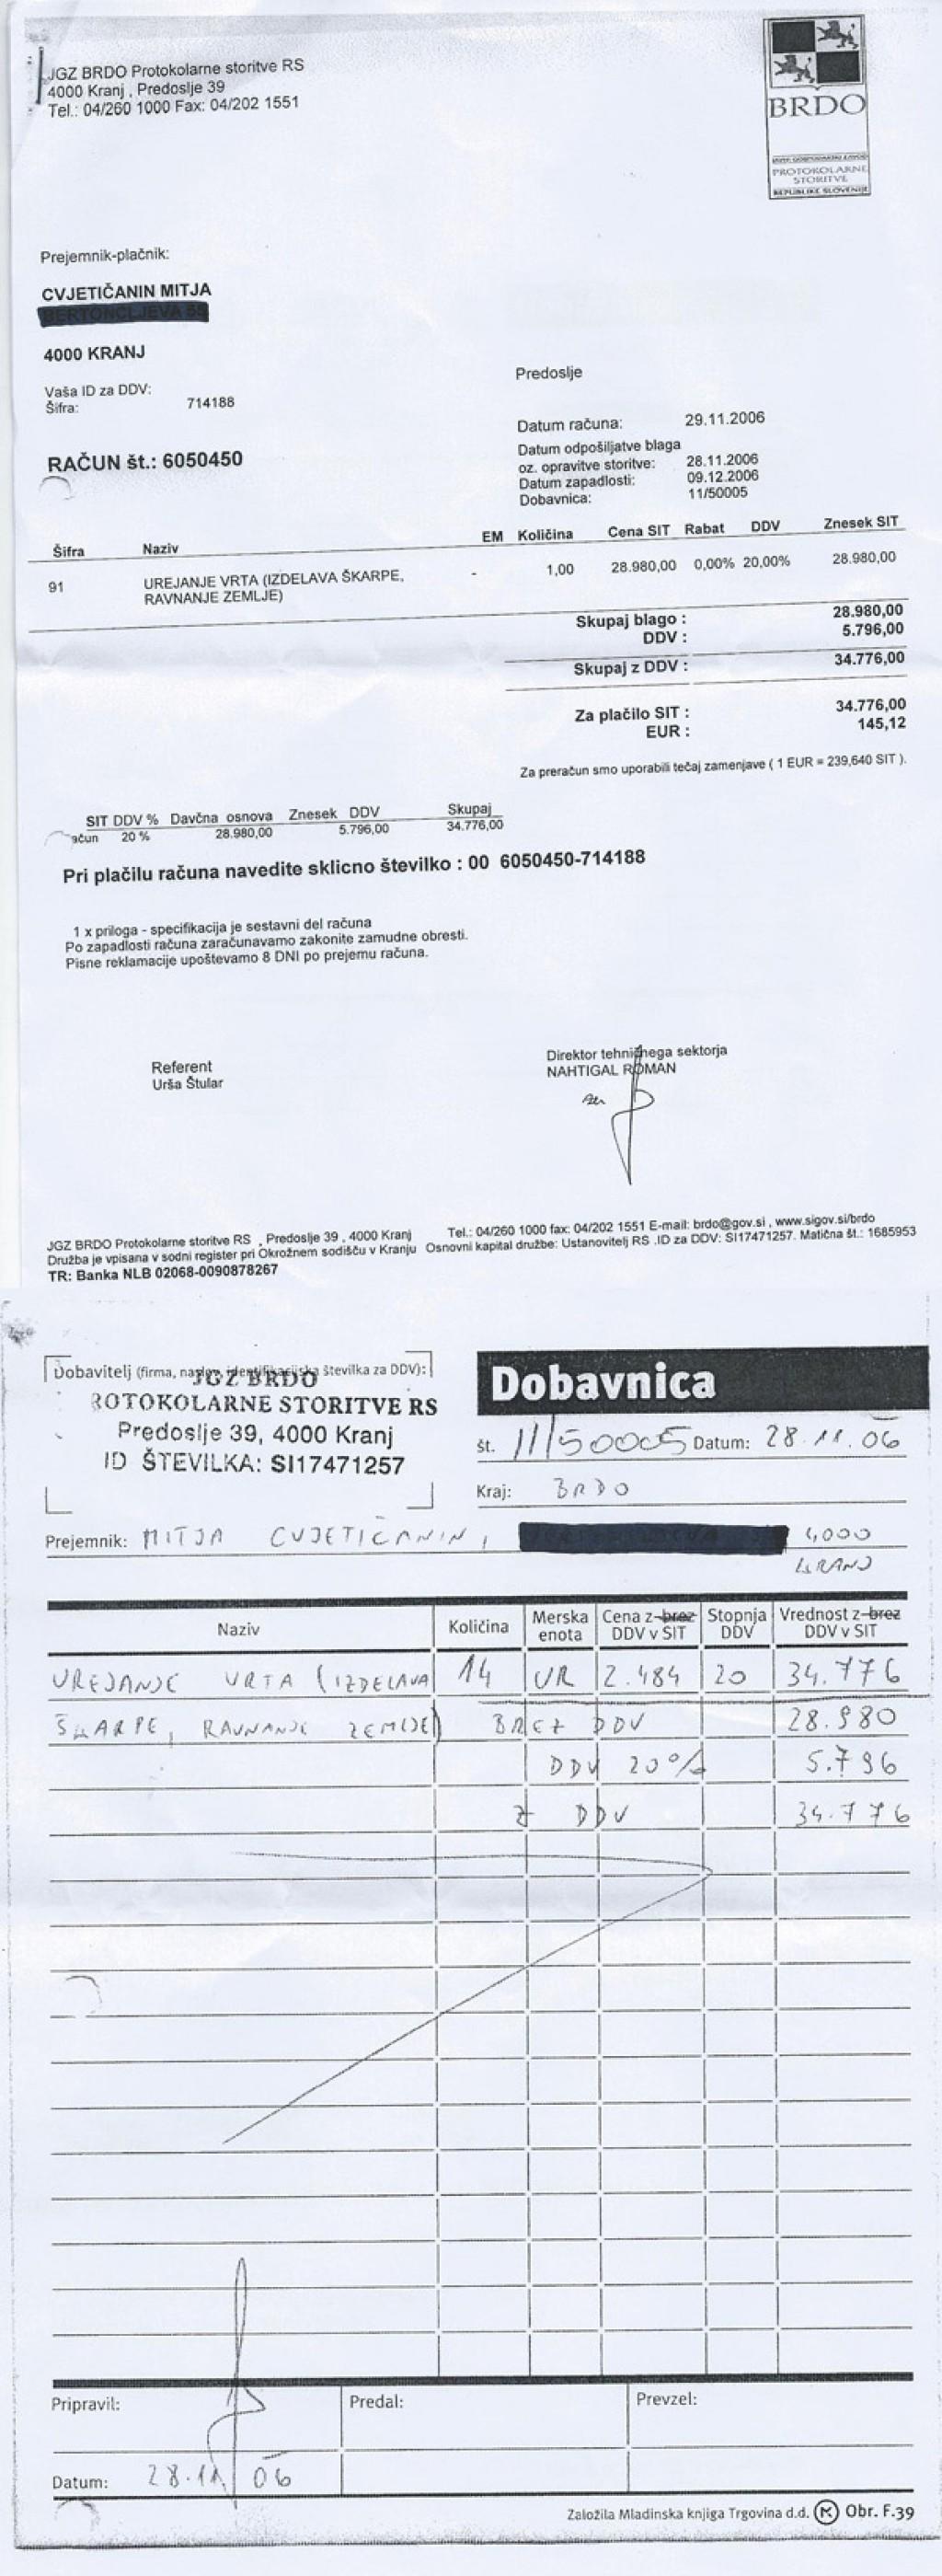 Račun številka 6050450 za urejanje vrta, s priloženo dobavnico, ki ga je JGZ Brdo Mitji Cvjetičaninu, partnerju Alenke Bratušek, izdalo novembra 2006.